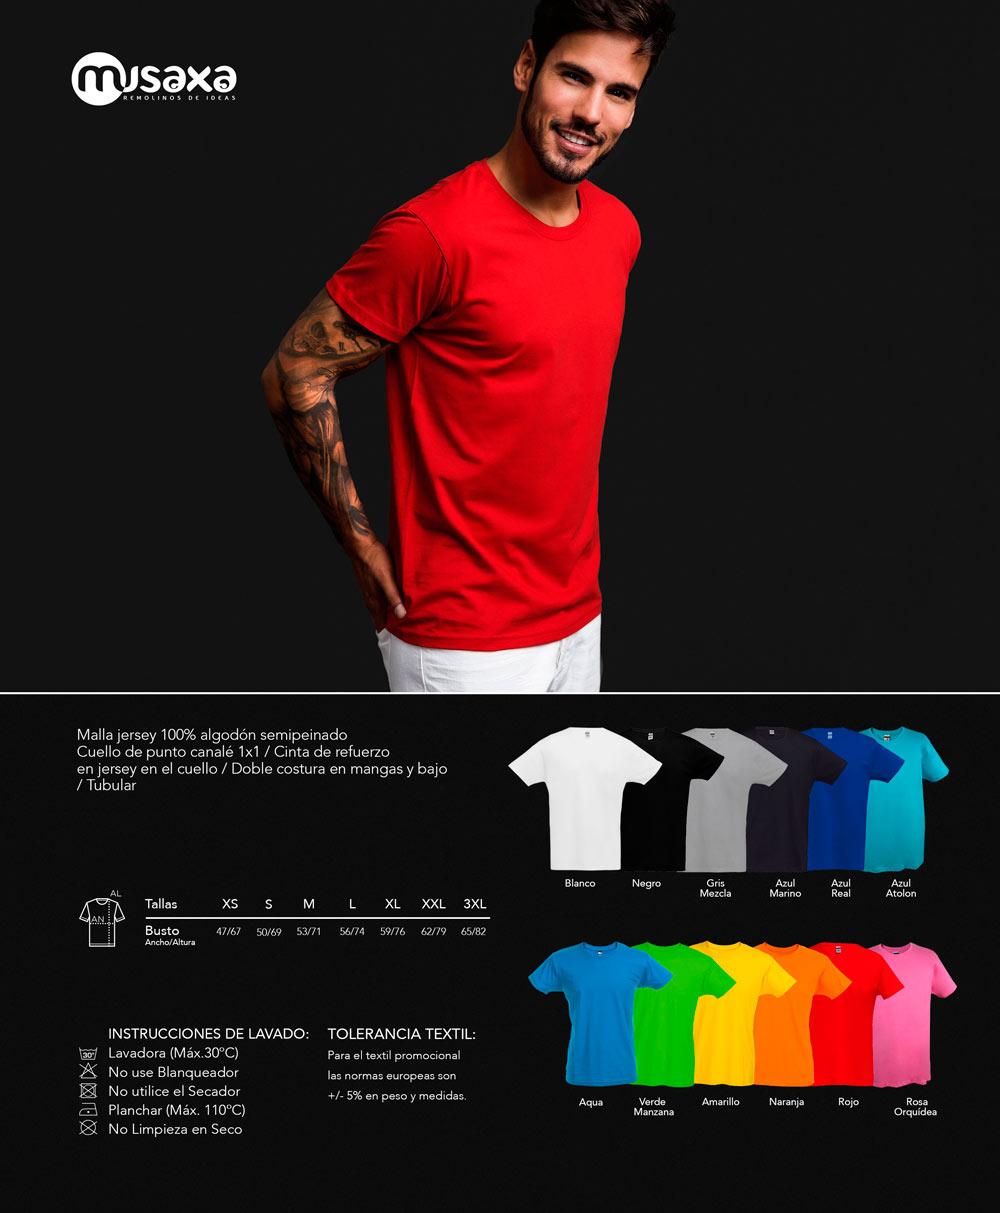 camisetas-personalizadas-colores